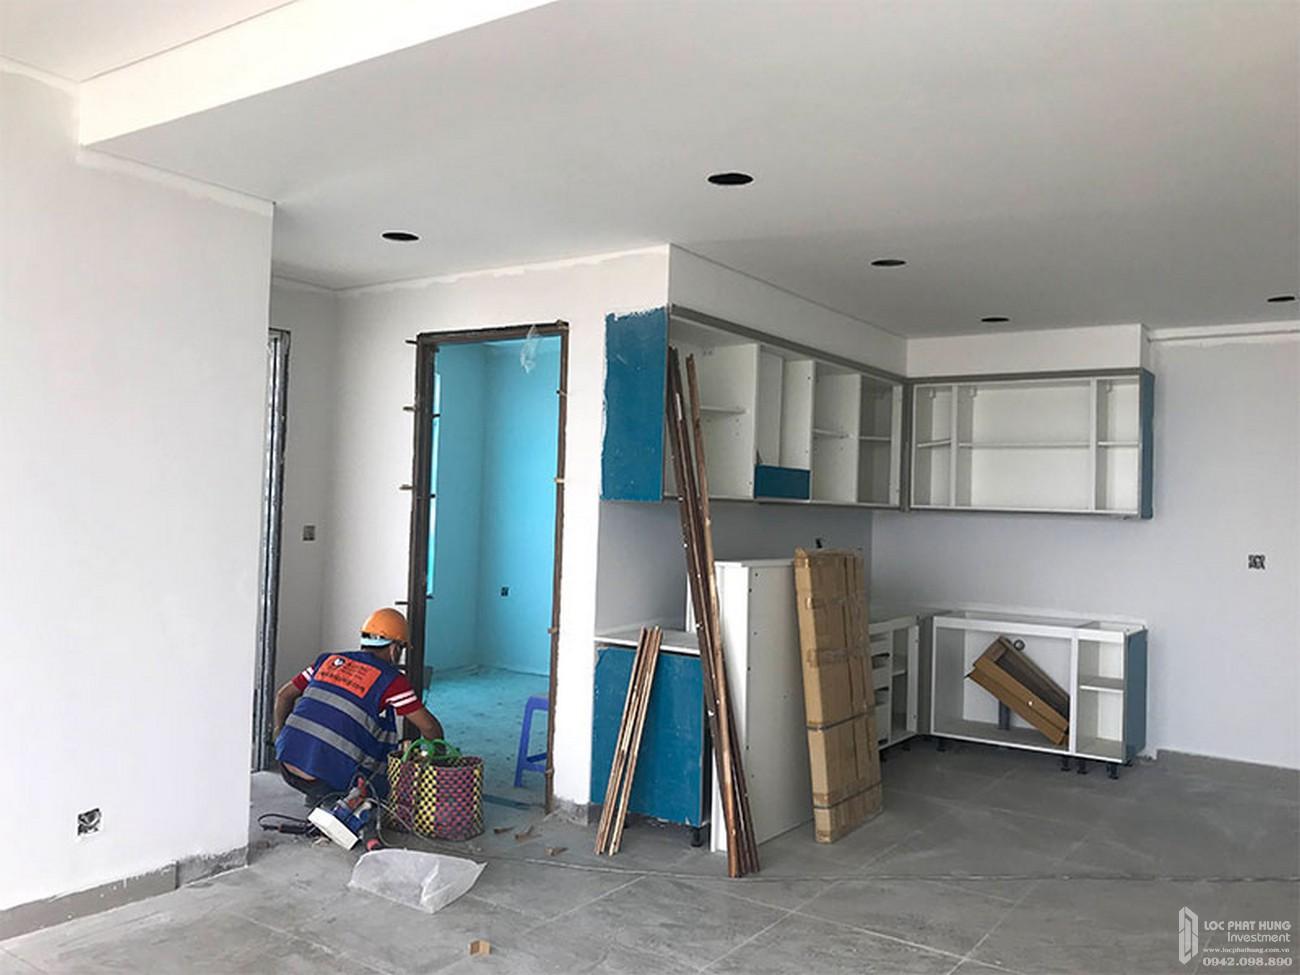 Tiến độ River Panorama dự án căn hộ chung cư Quận 7 Đường Hoàng Quốc Việt chủ đầu tư An Gia Investment